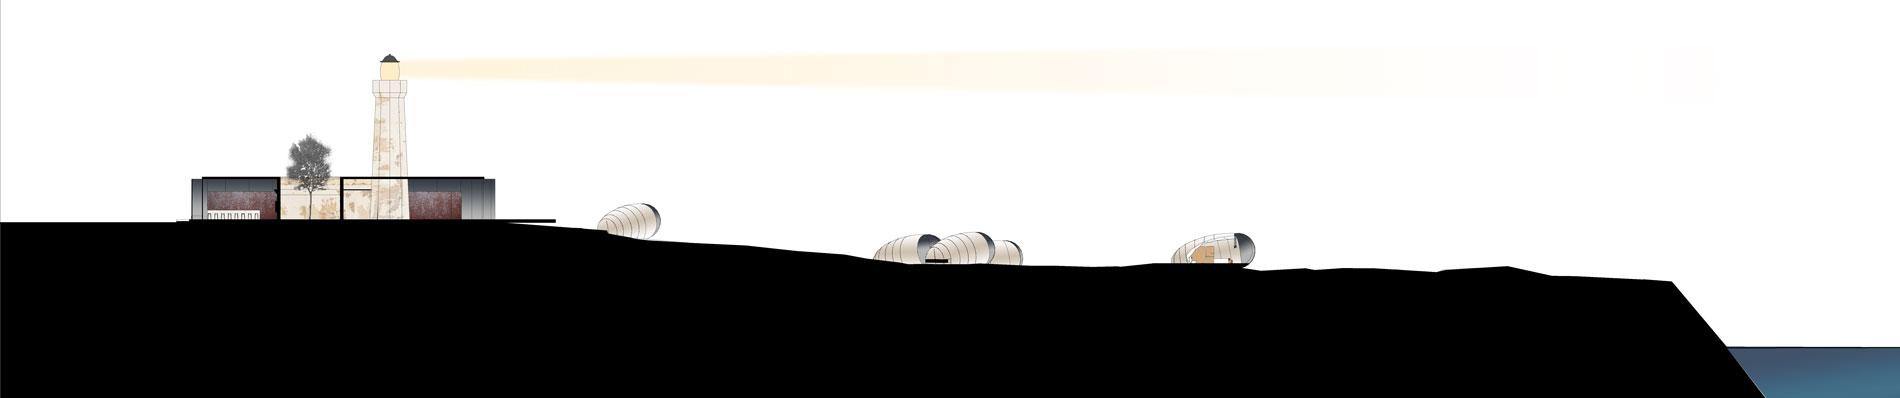 Coupe de principe du projet. La coupe permet de visualiser l'intégration des modules dans le paysage et l'aménagement du lobby/restaurant autour du phare existant. Le pavillon d'entrée domine le paysage et sa position permet de bénéficier d'une vue dégagée sur la mer.